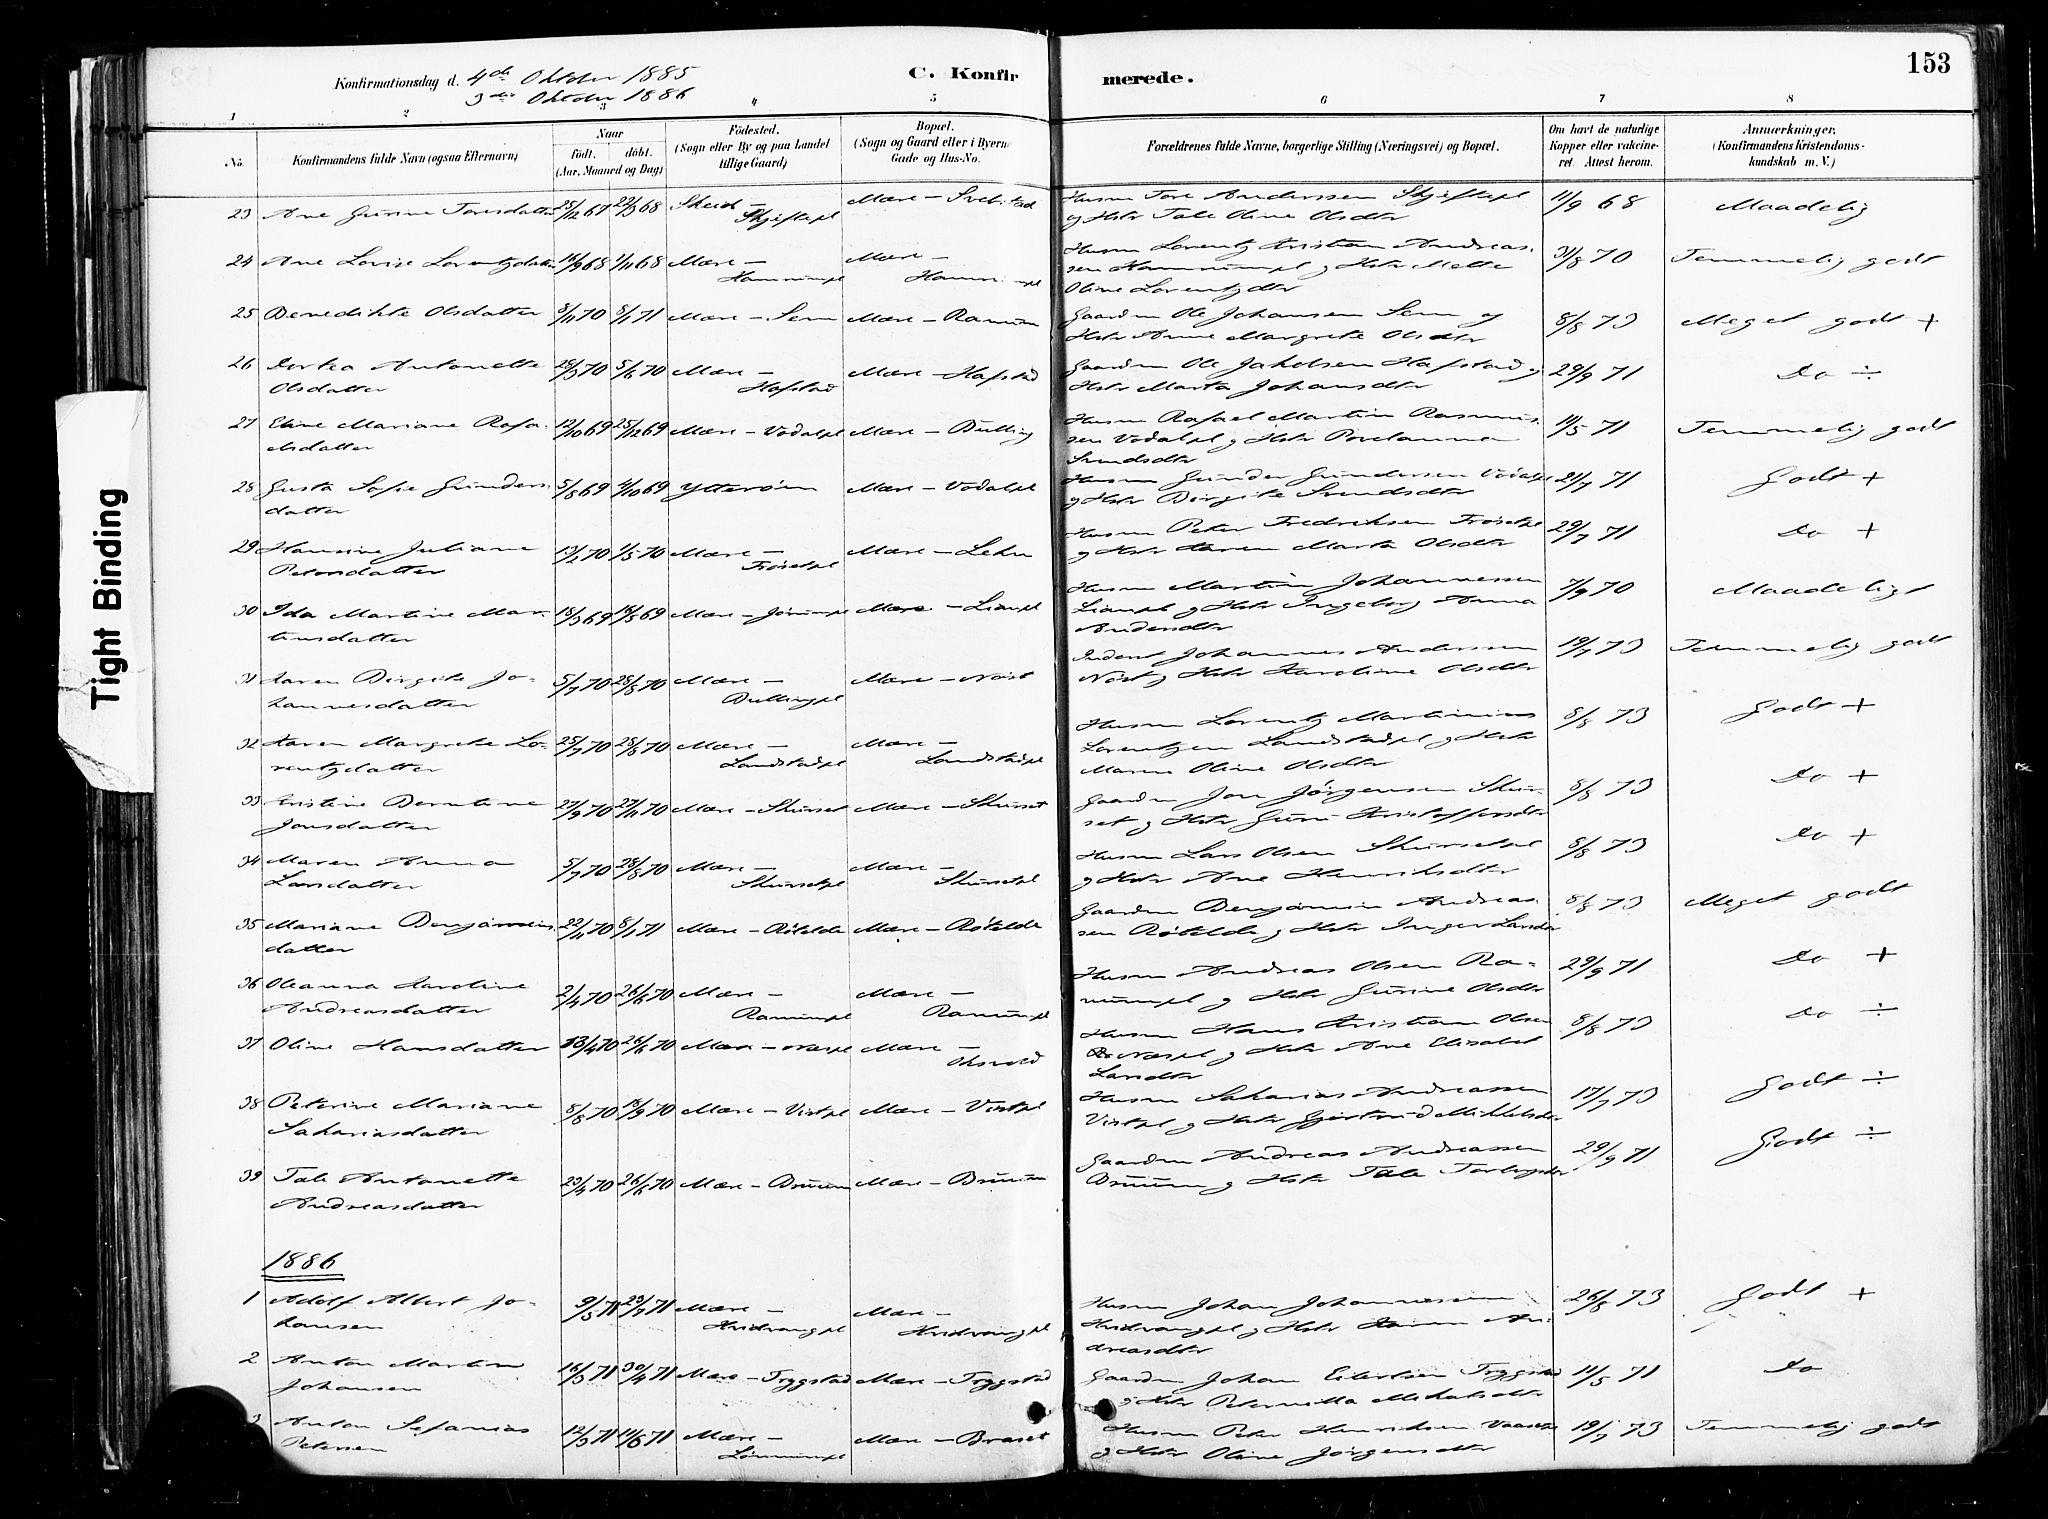 SAT, Ministerialprotokoller, klokkerbøker og fødselsregistre - Nord-Trøndelag, 735/L0351: Ministerialbok nr. 735A10, 1884-1908, s. 153